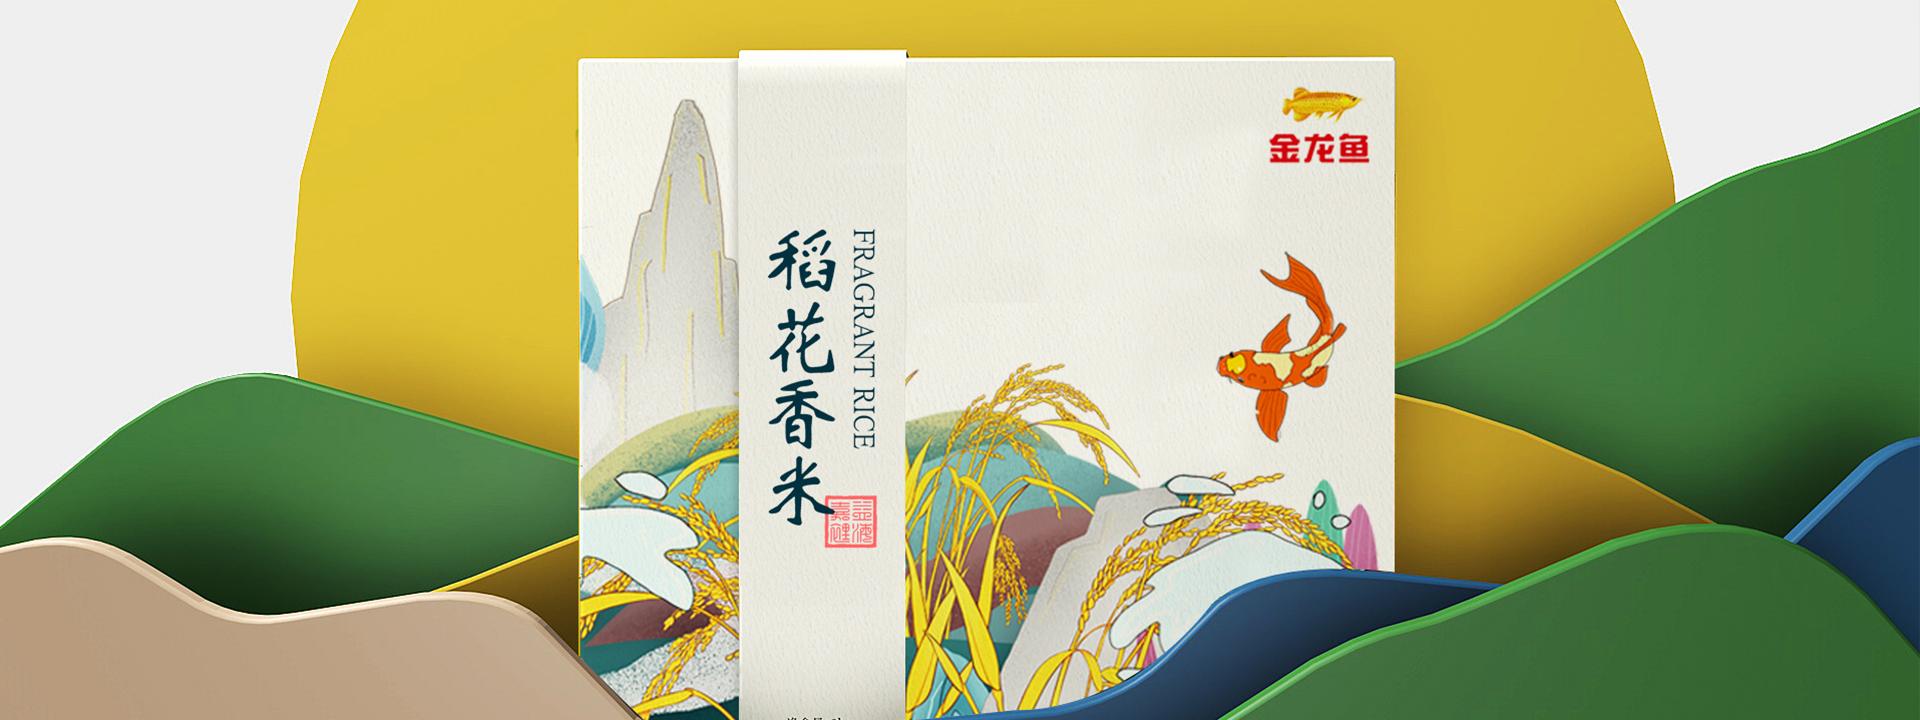 金龙鱼-稻花香米